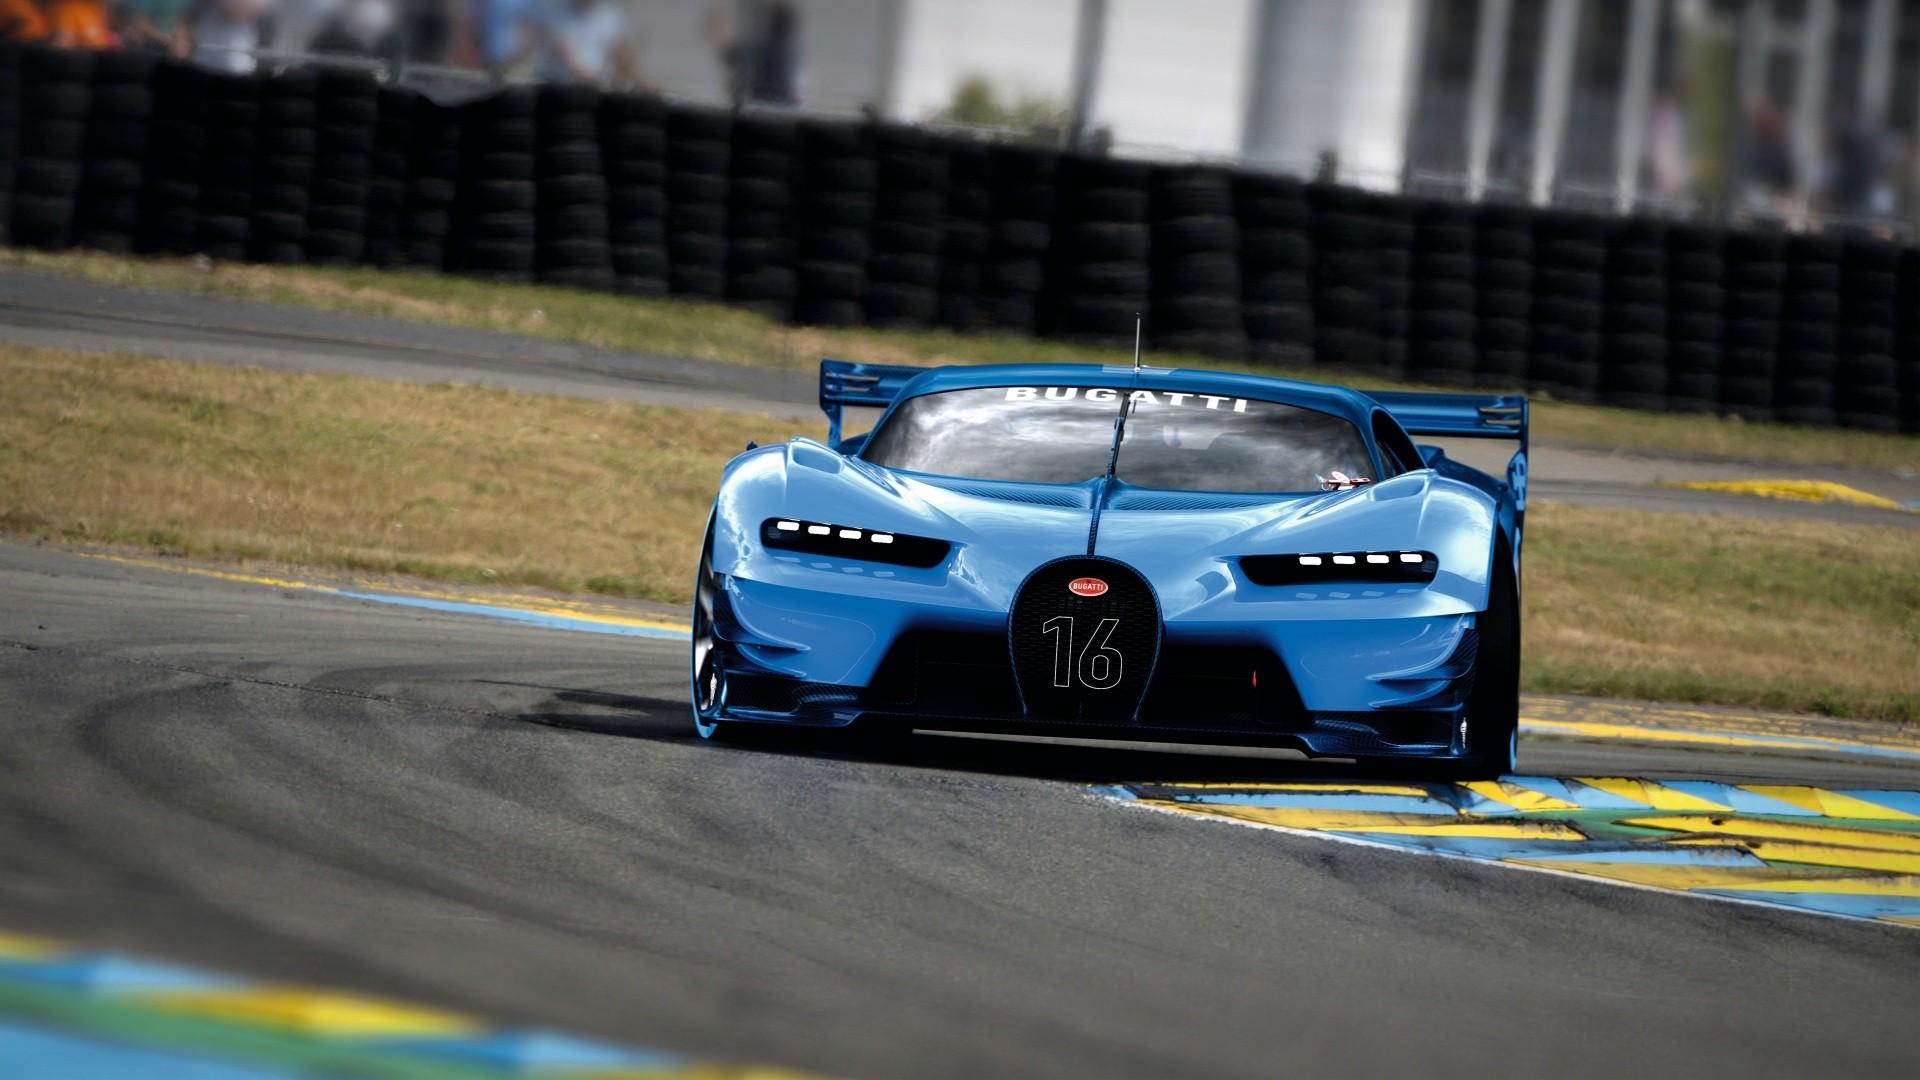 Bugatti Chiron screen wallpaper